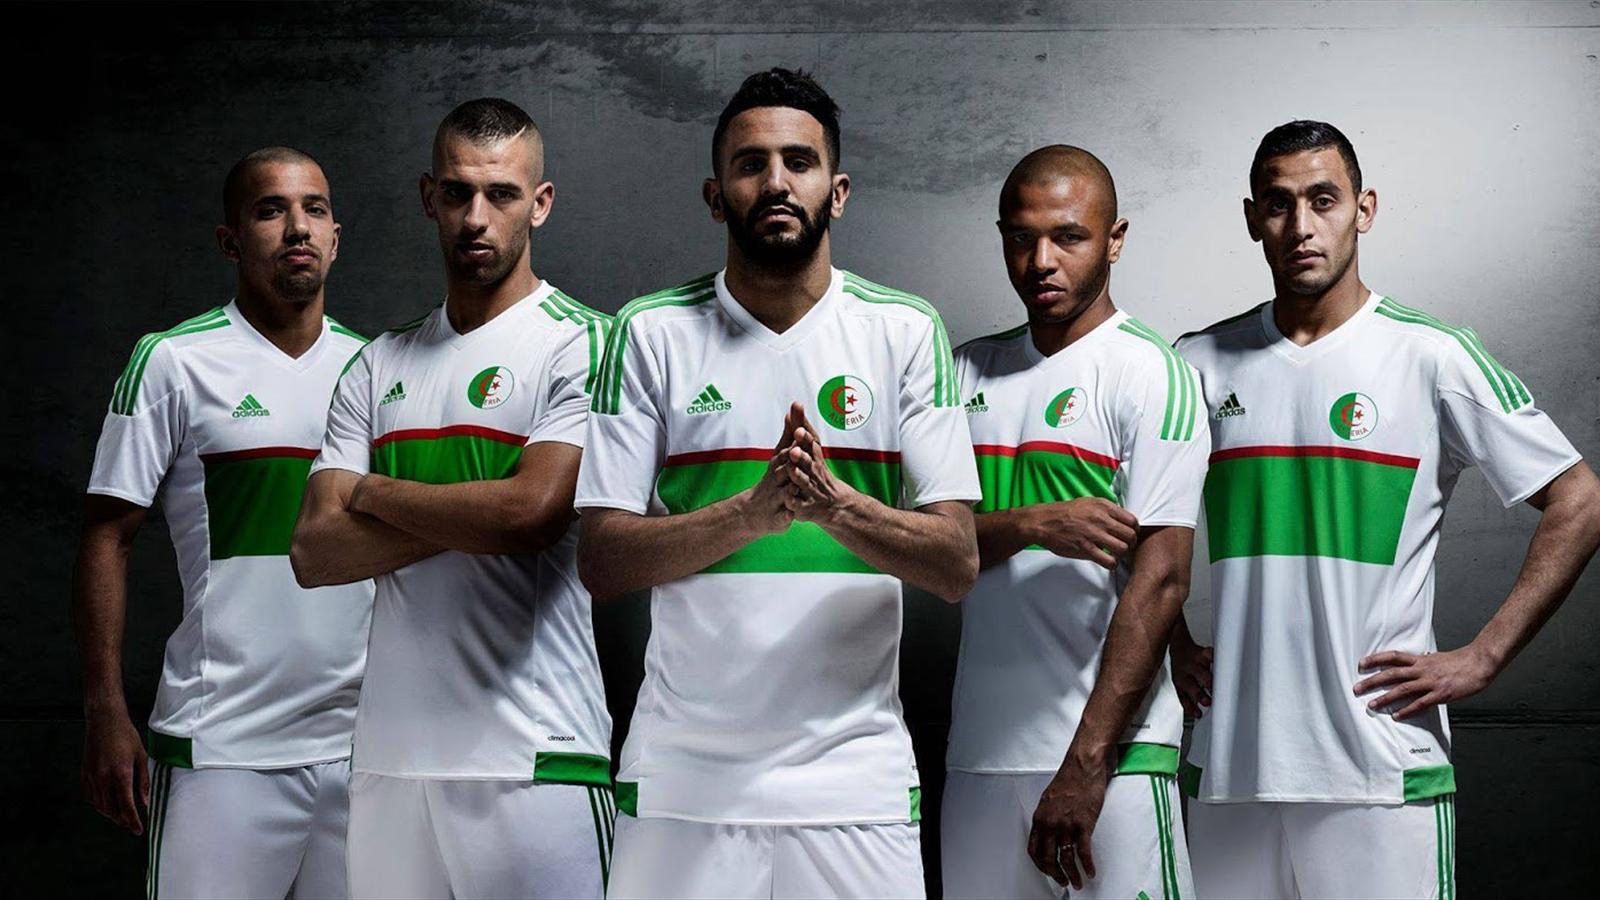 Les deux nouveaux maillots de l'Algérie officialisés par Adidas - Economie - Eurosport